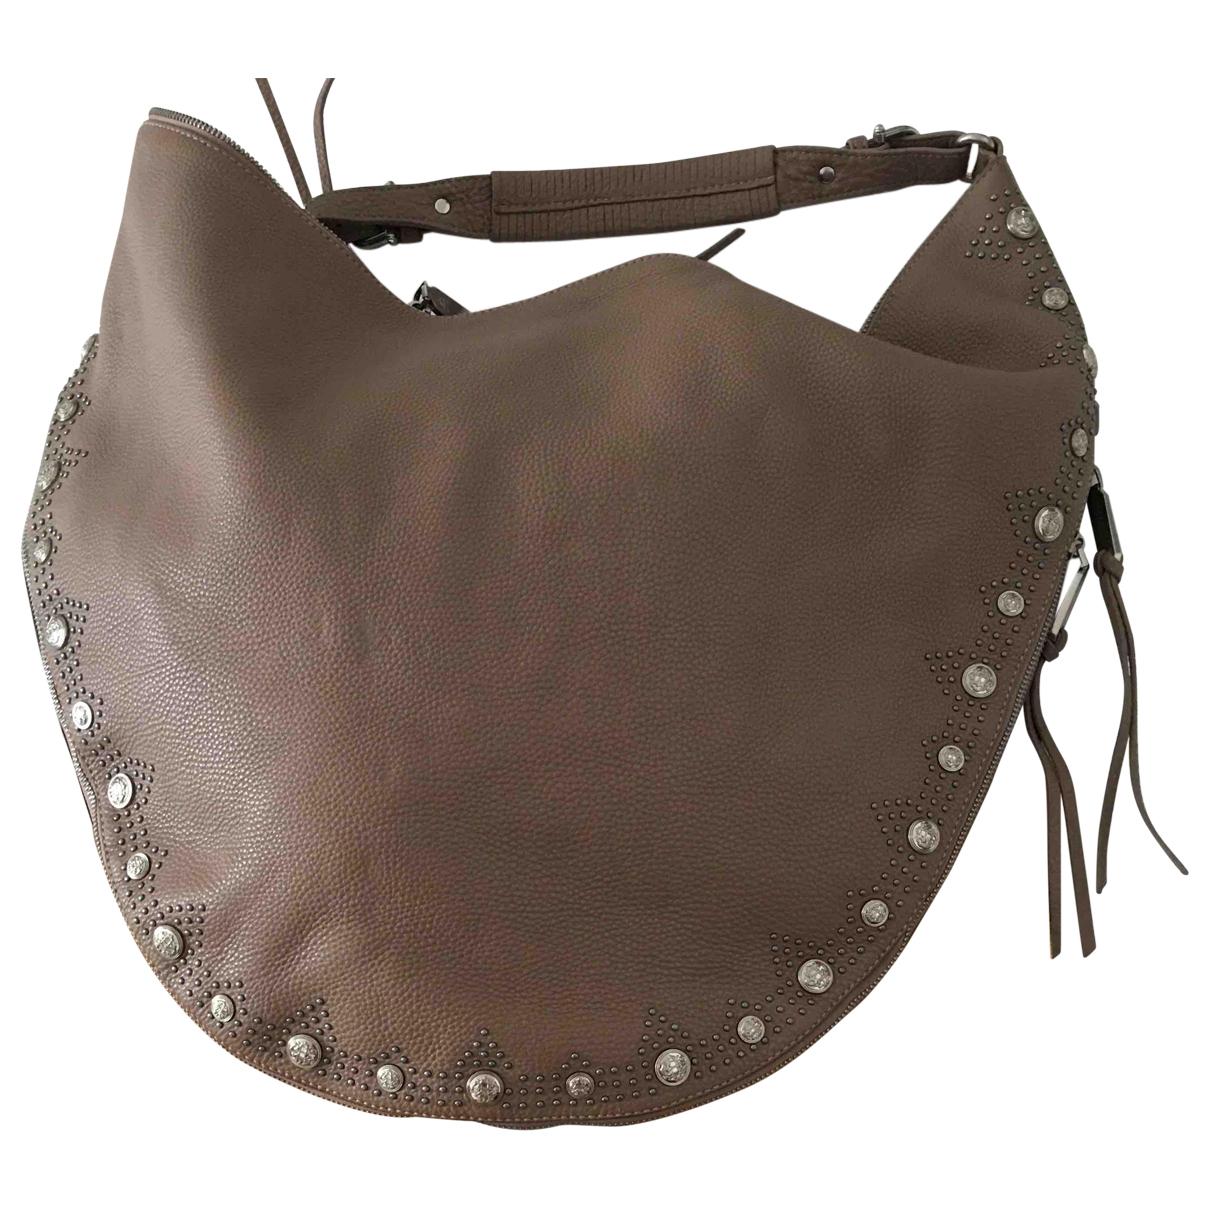 Etienne Aigner \N Beige Leather handbag for Women \N